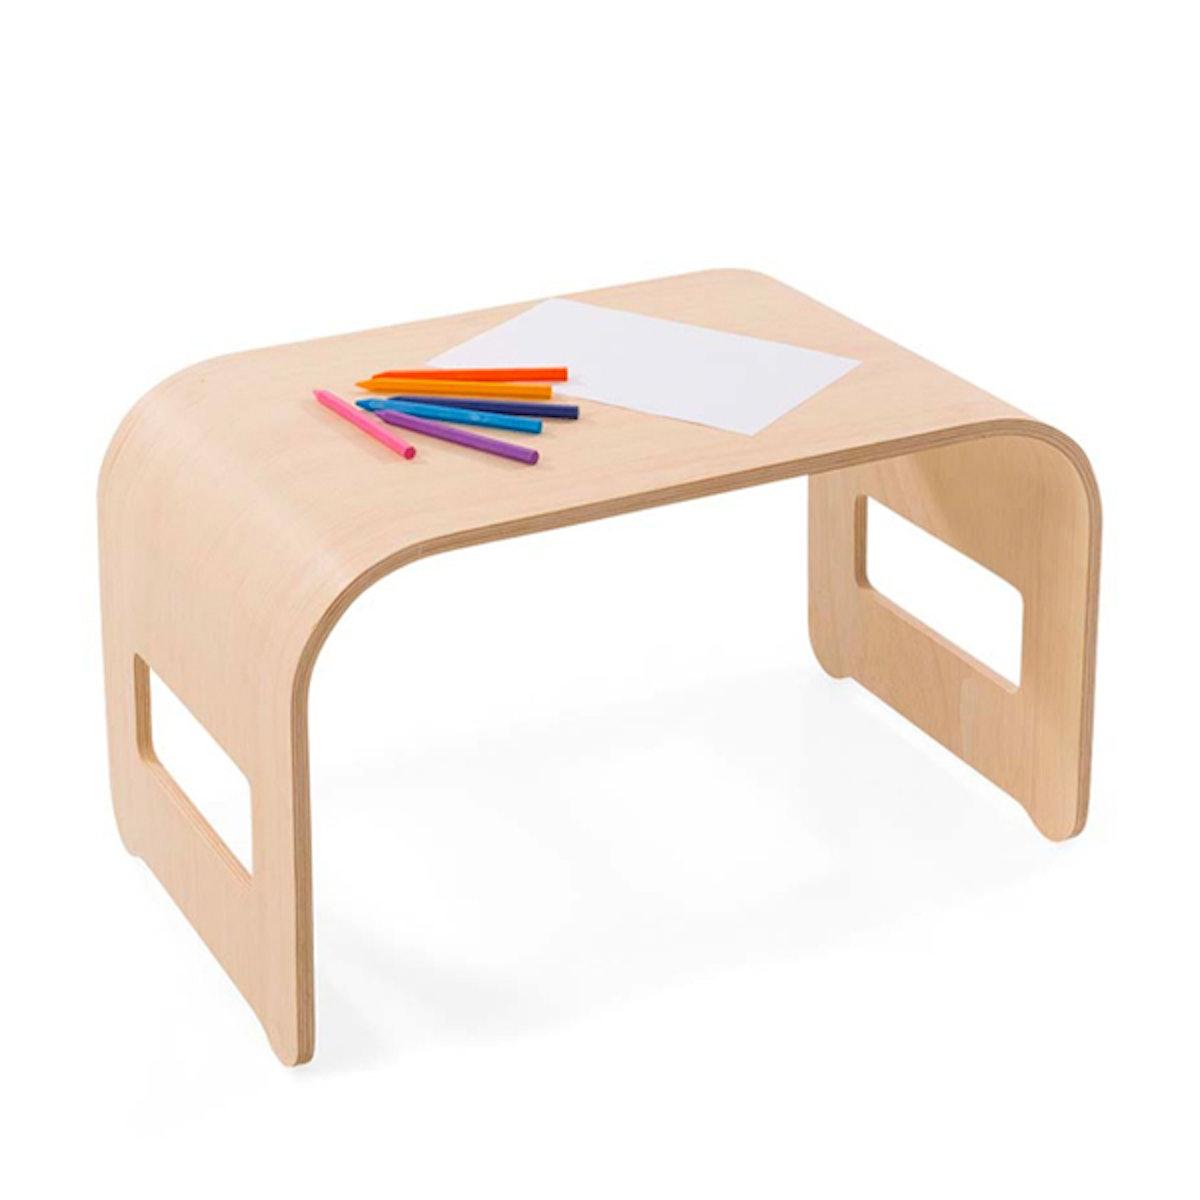 Bent Wooden Desk